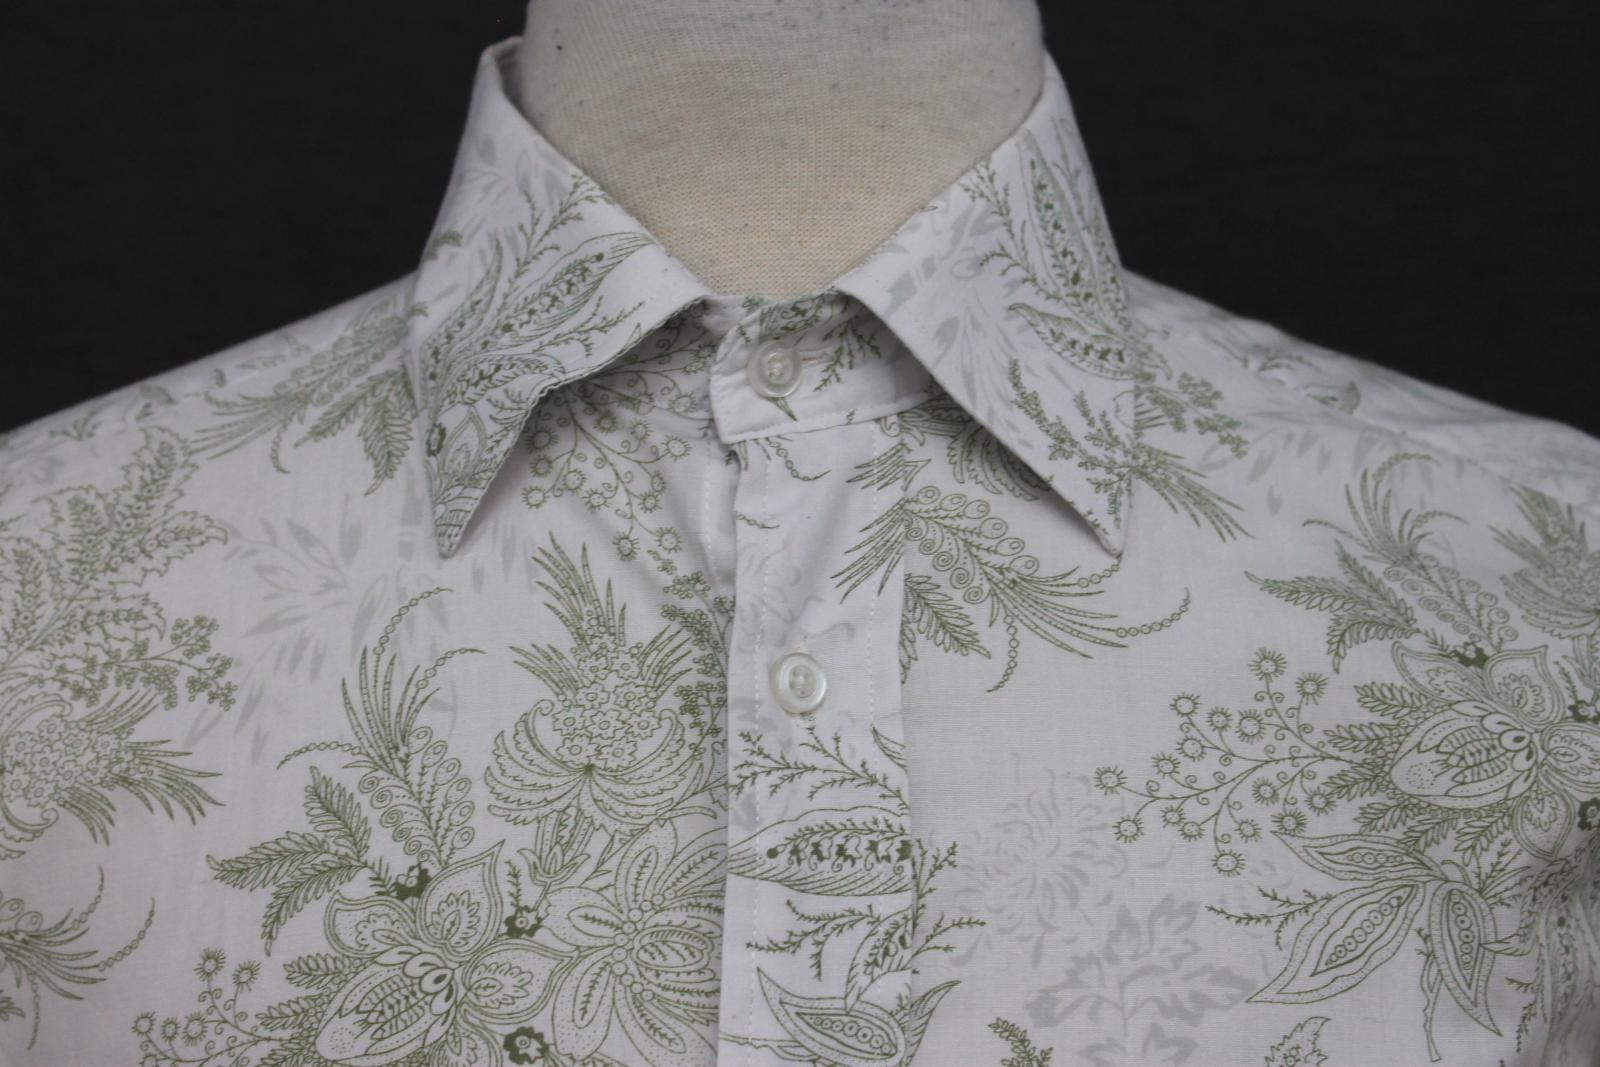 Paul-Smith-Para-Hombre-Blanco-Algodon-Con-Patron-Floral-Con-Cuello-Informal-Camisa-Talla-M miniatura 6